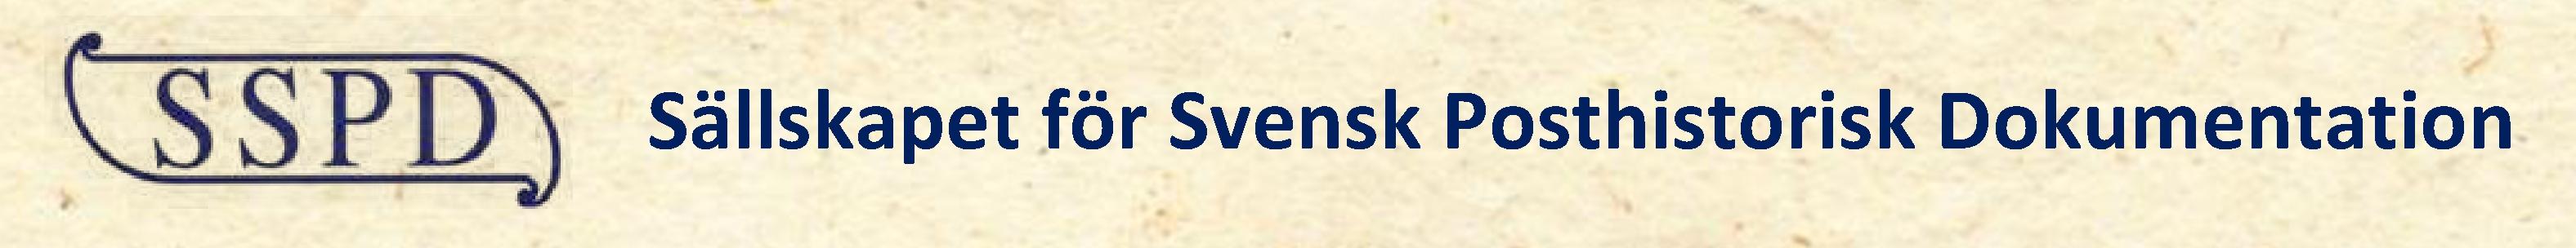 SSPD – Sällskapet för Svensk Posthistorisk Dokumentation